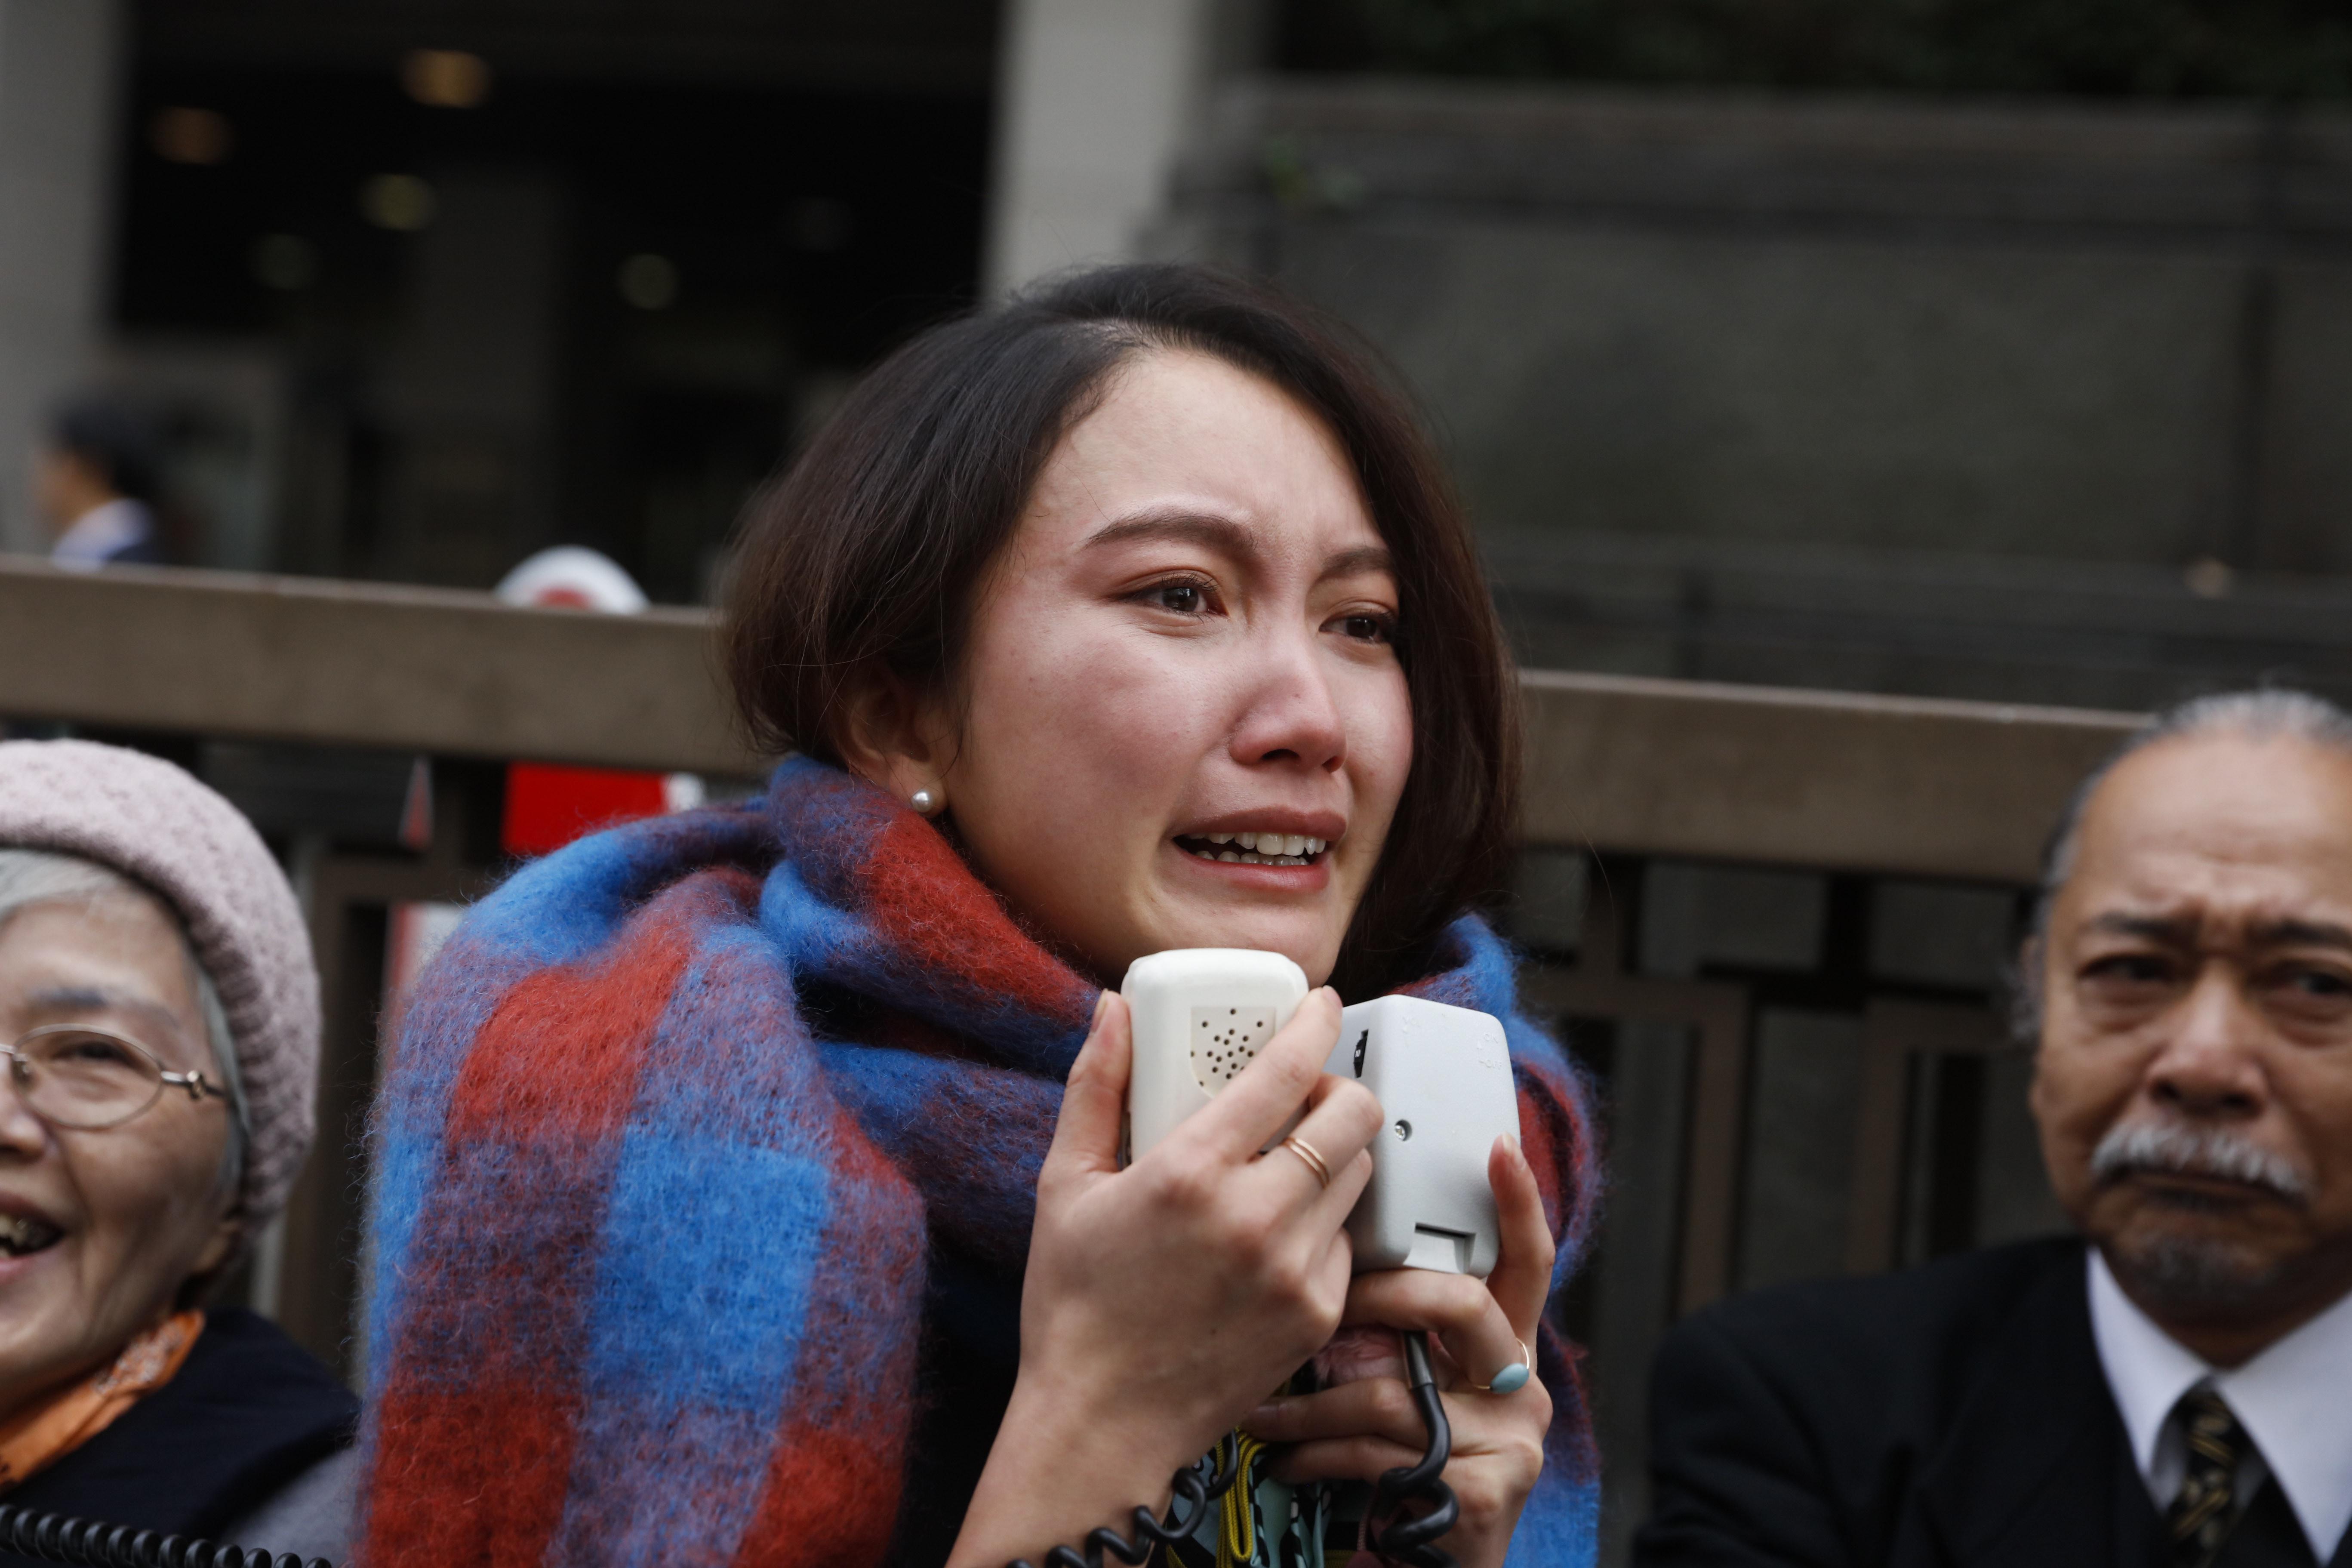 ▲▼日本女記者伊藤詩織,遭記者山口敬之性侵,以民事訴訟勝訴,拿到330萬日圓的精神賠償金。(圖/達志影像/美聯社)